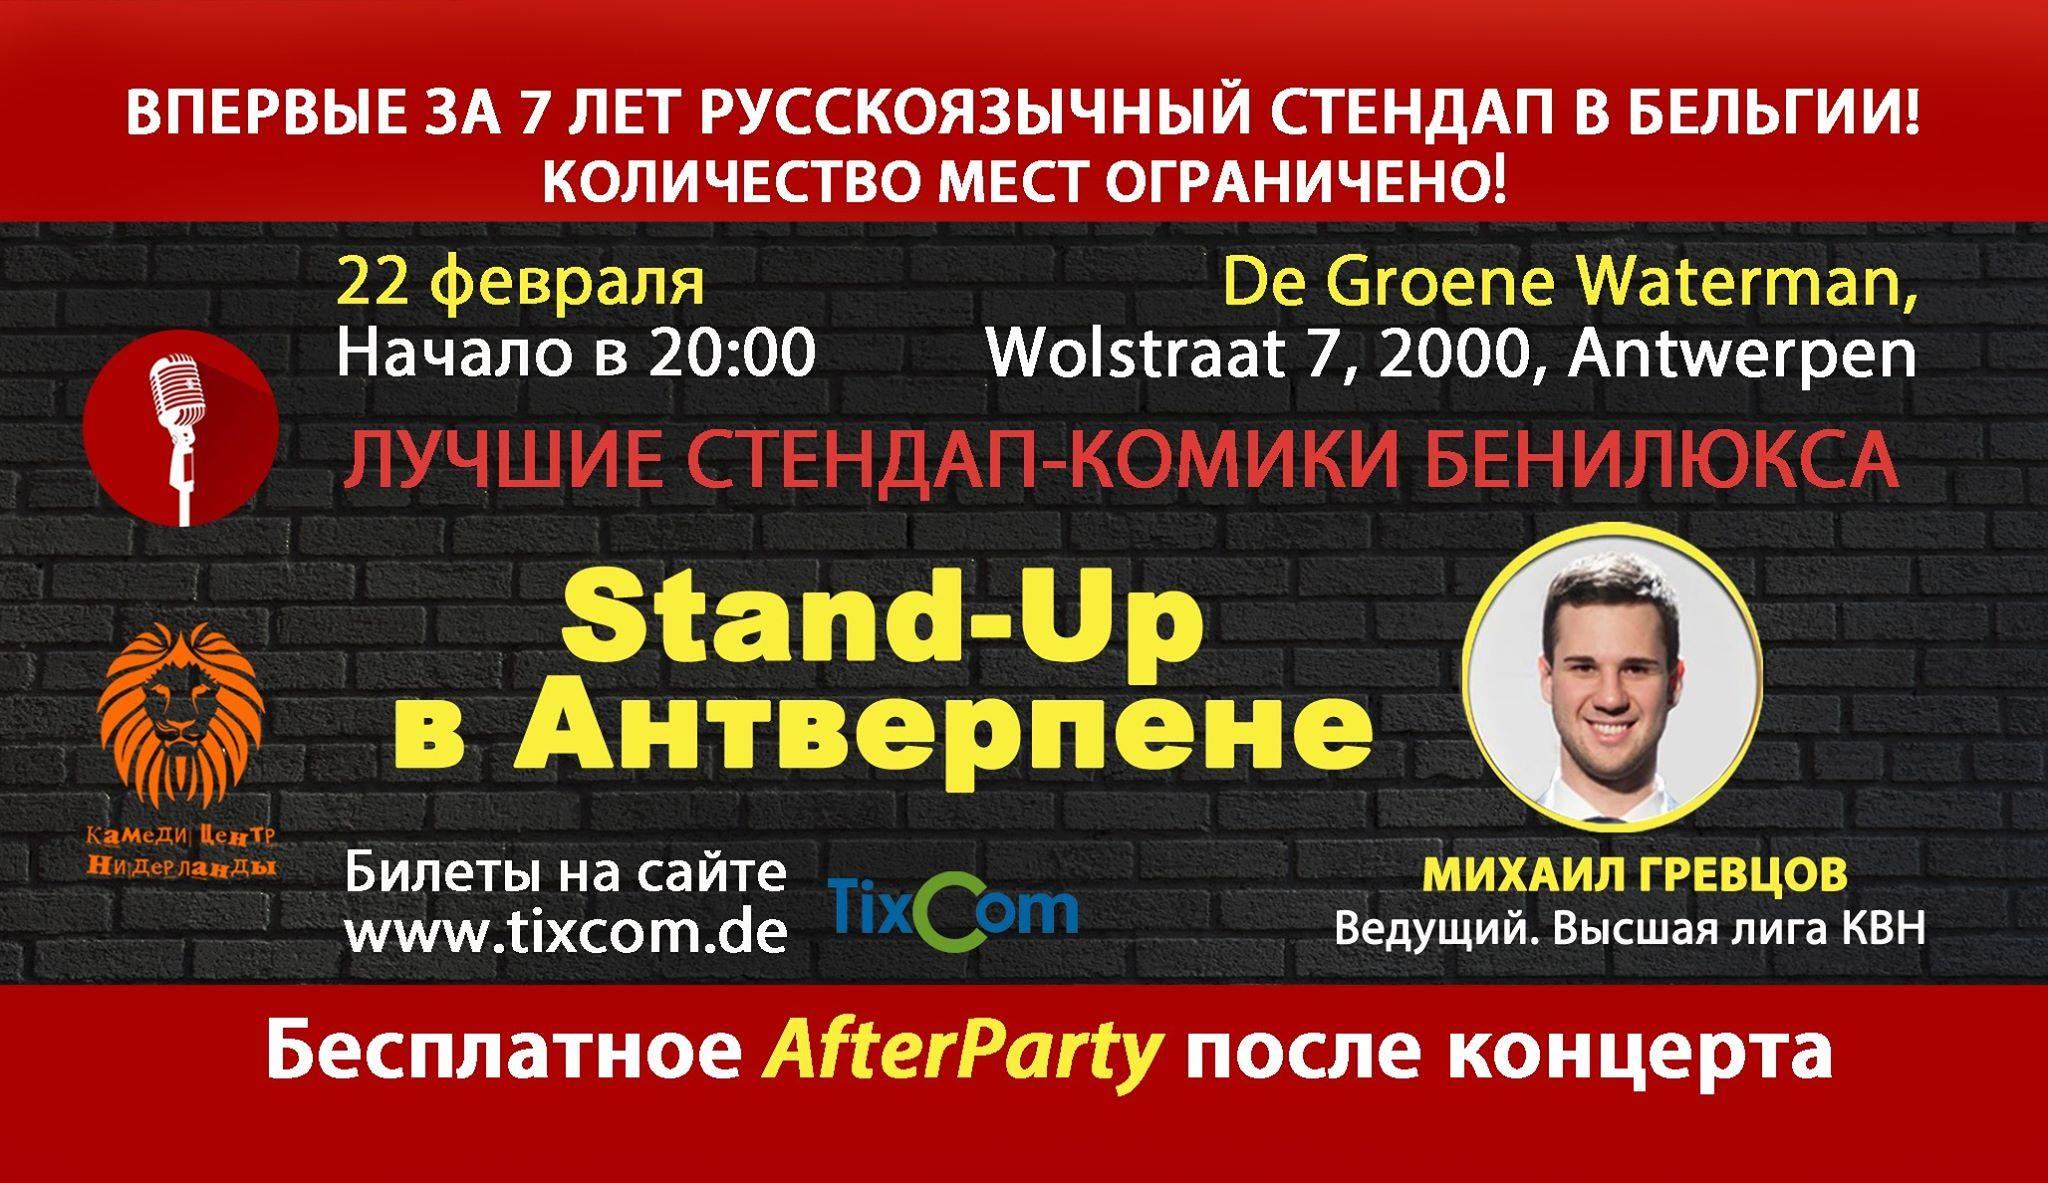 22 февраля – Русскоязычный Stand-Up в Антверпене